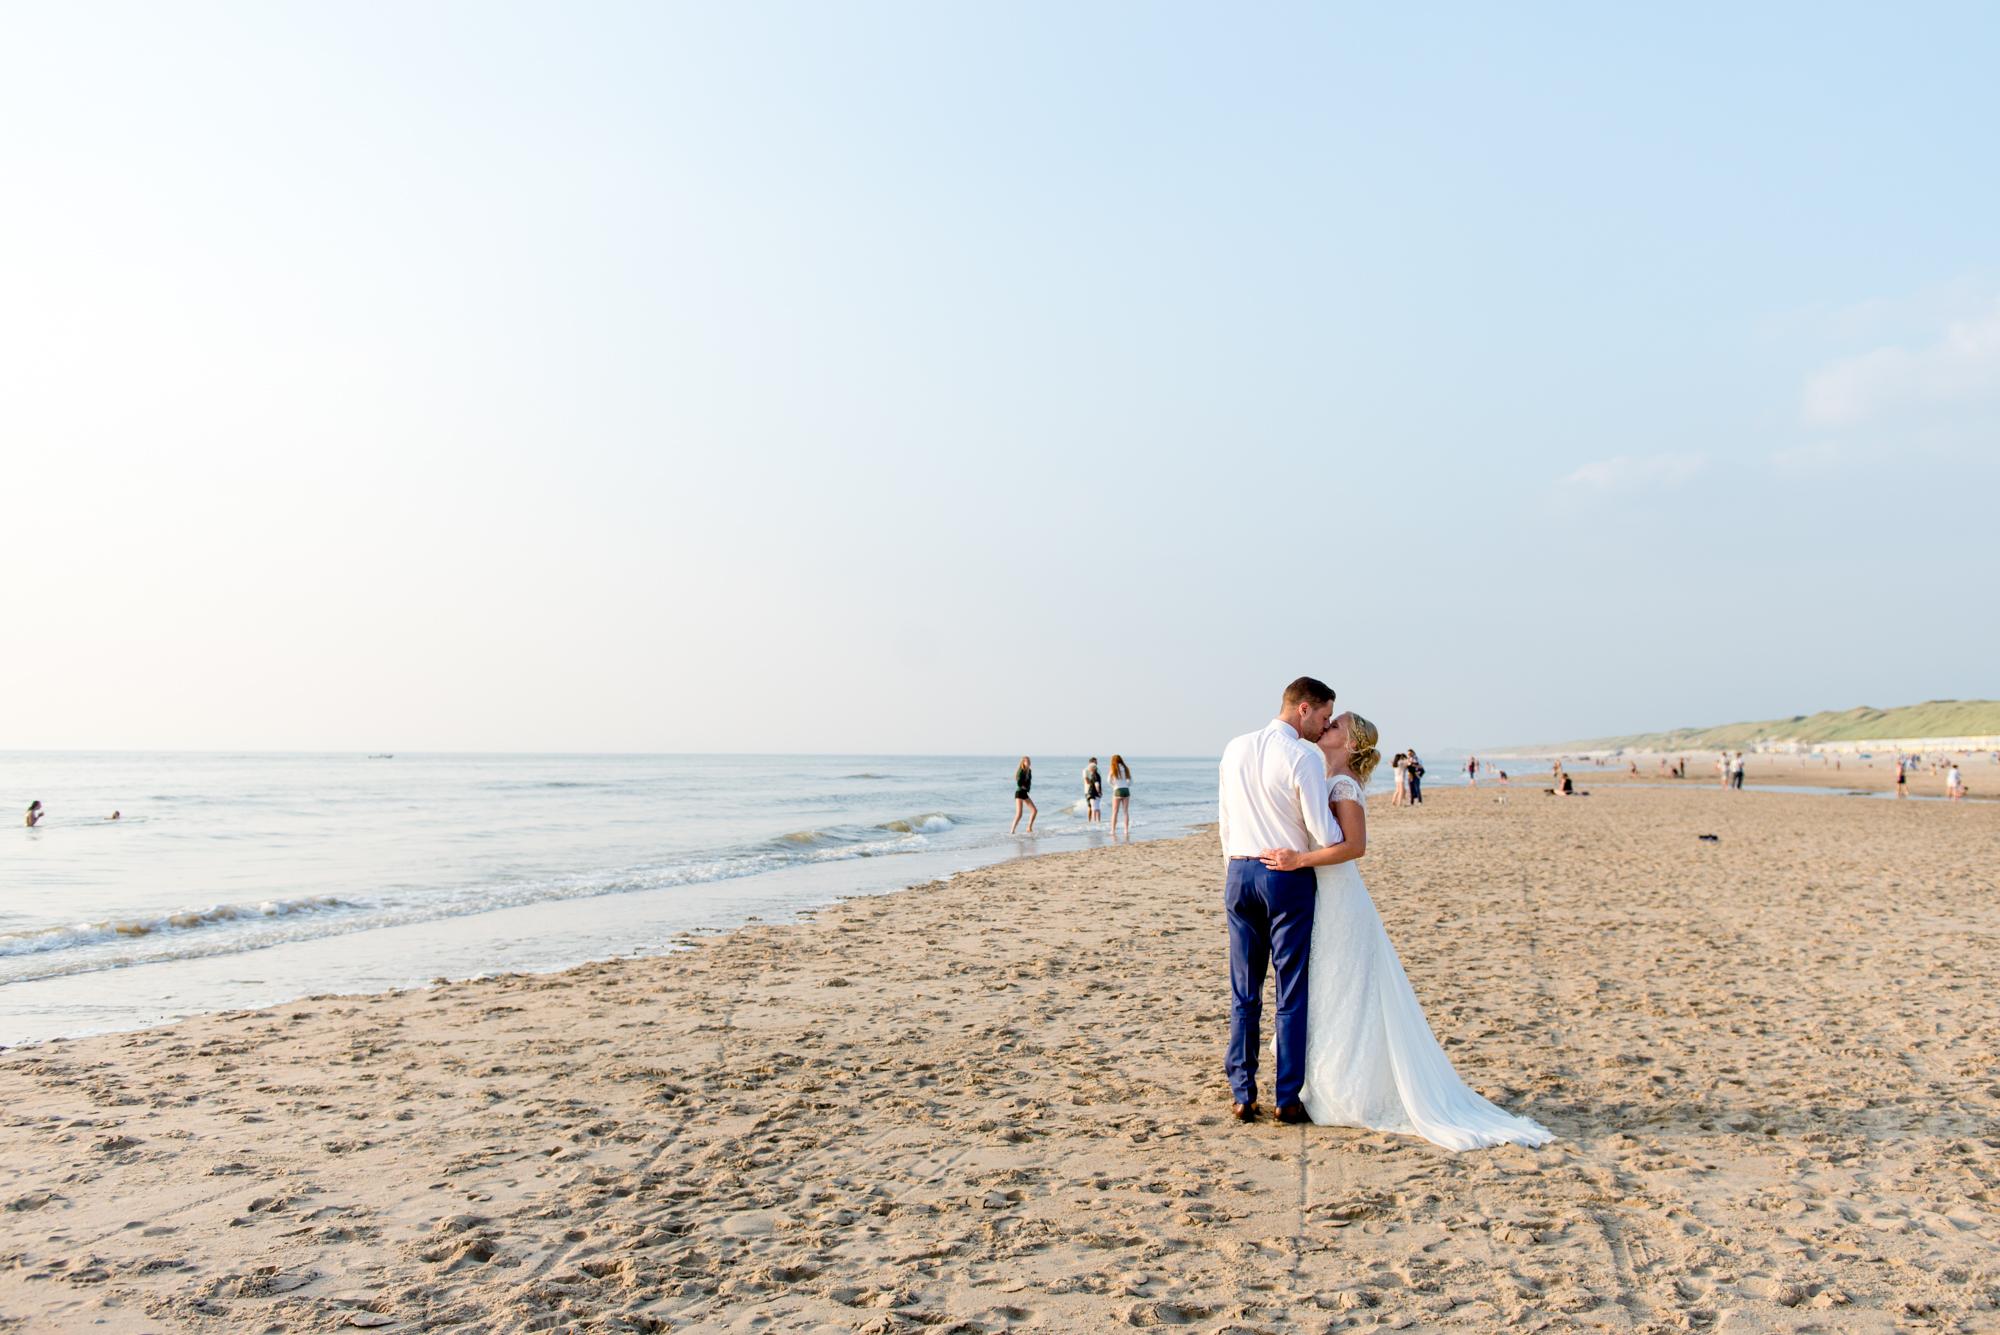 bruidsfotografie-Castricum-aan-zee-Esmee-en-Jeff-51